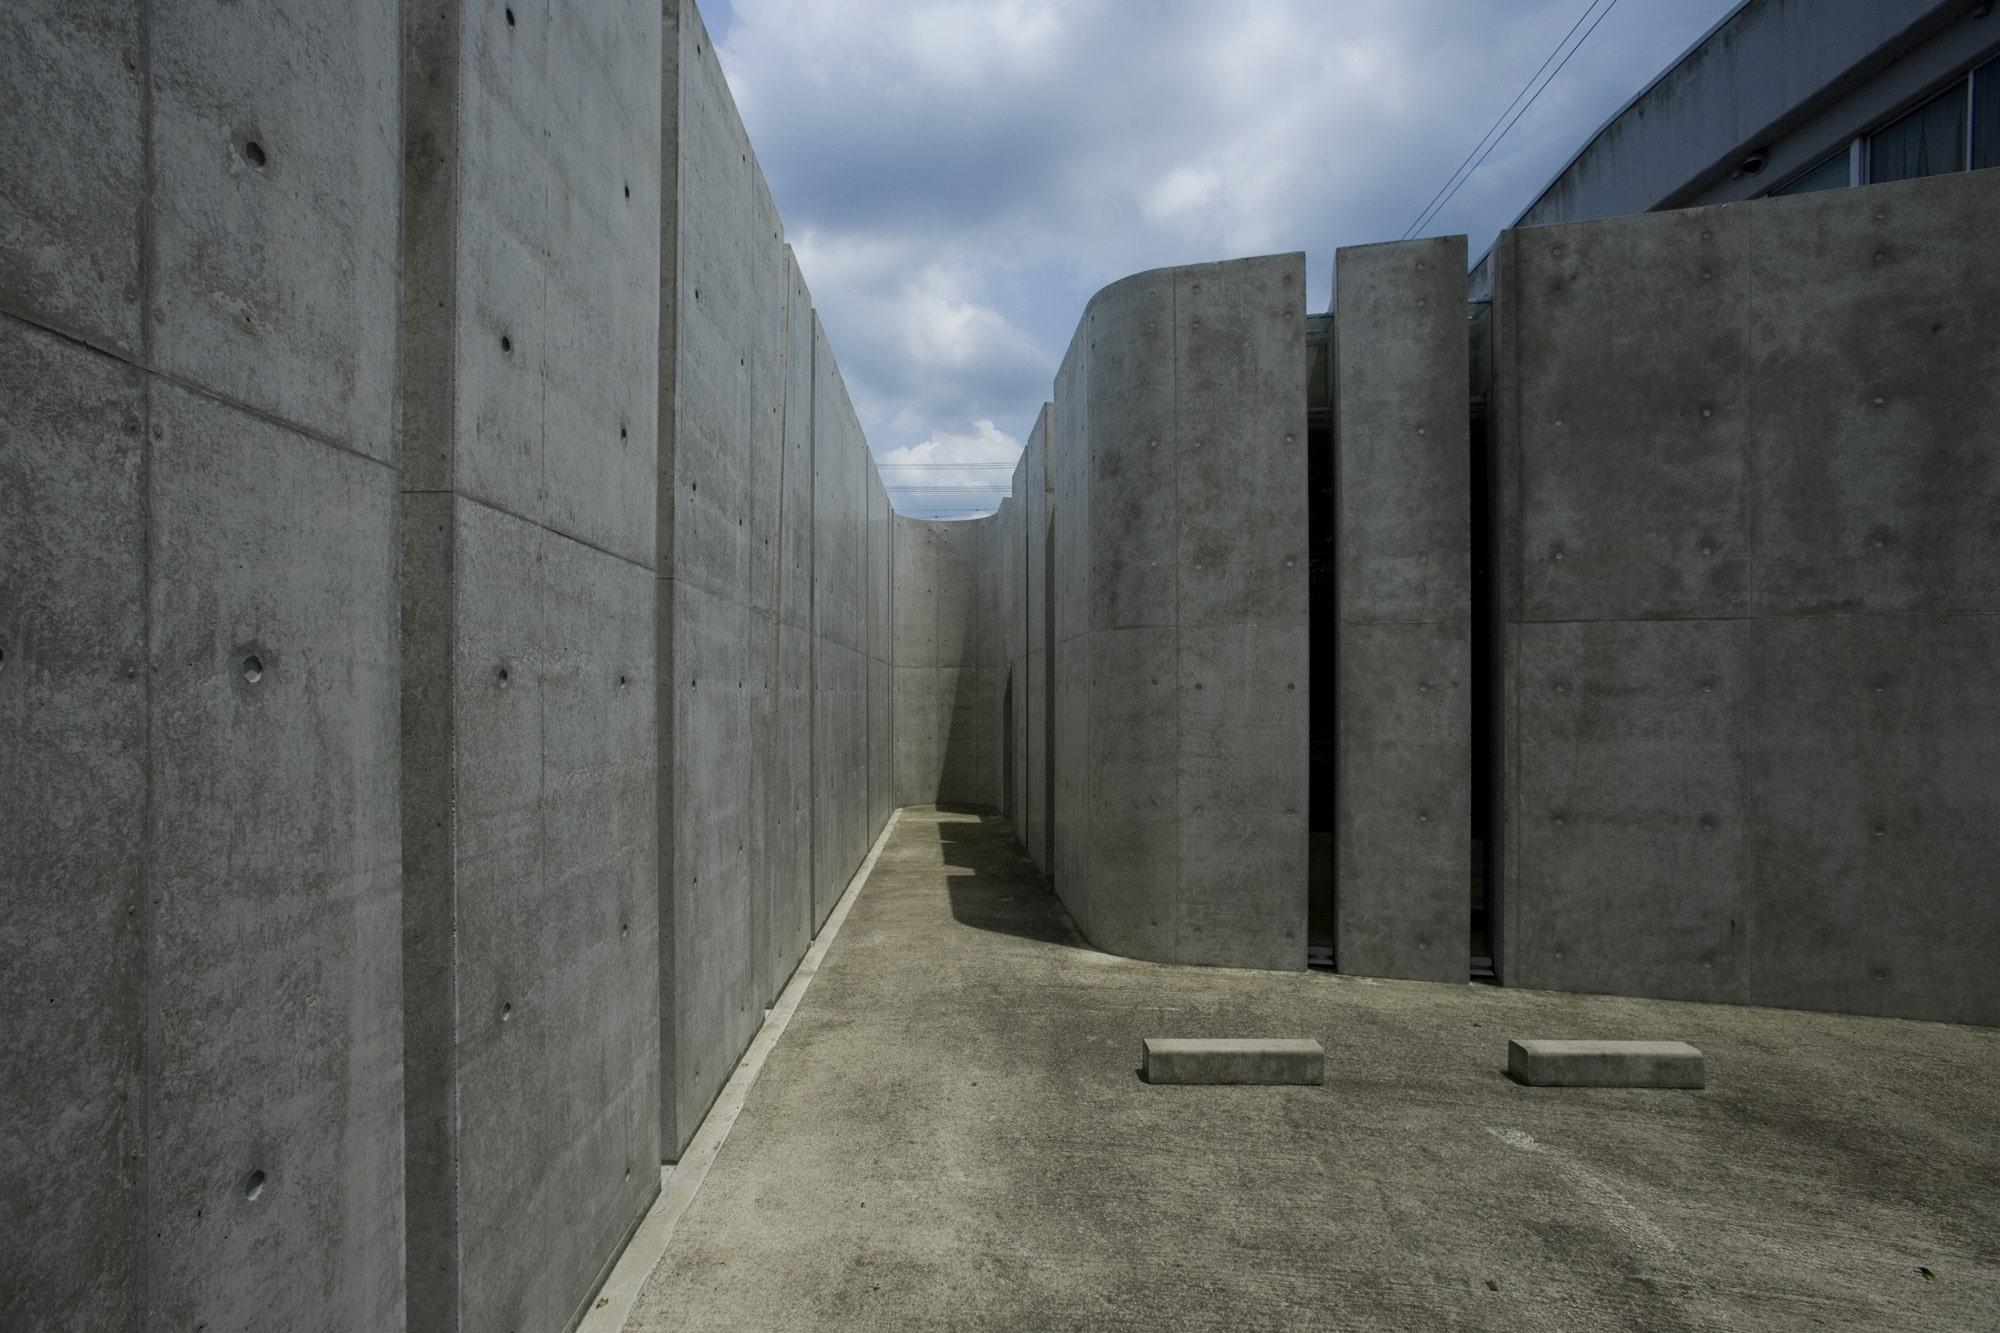 مقاومت بتن برای ساخت و ساز استوارسازان